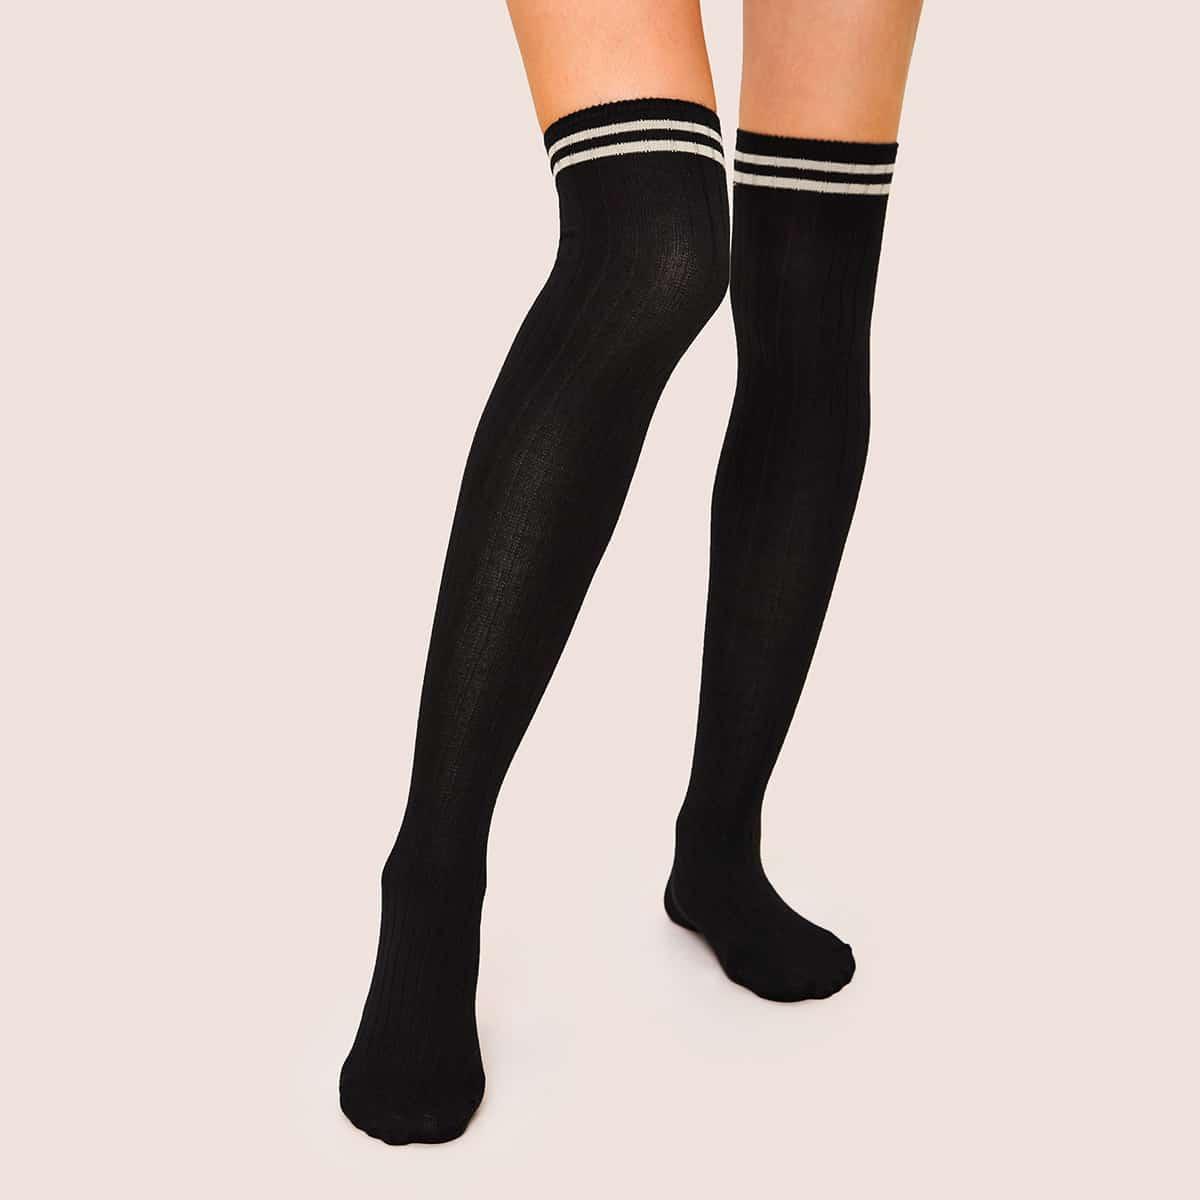 Gestreepte patroon knielengte sokken 1 paar